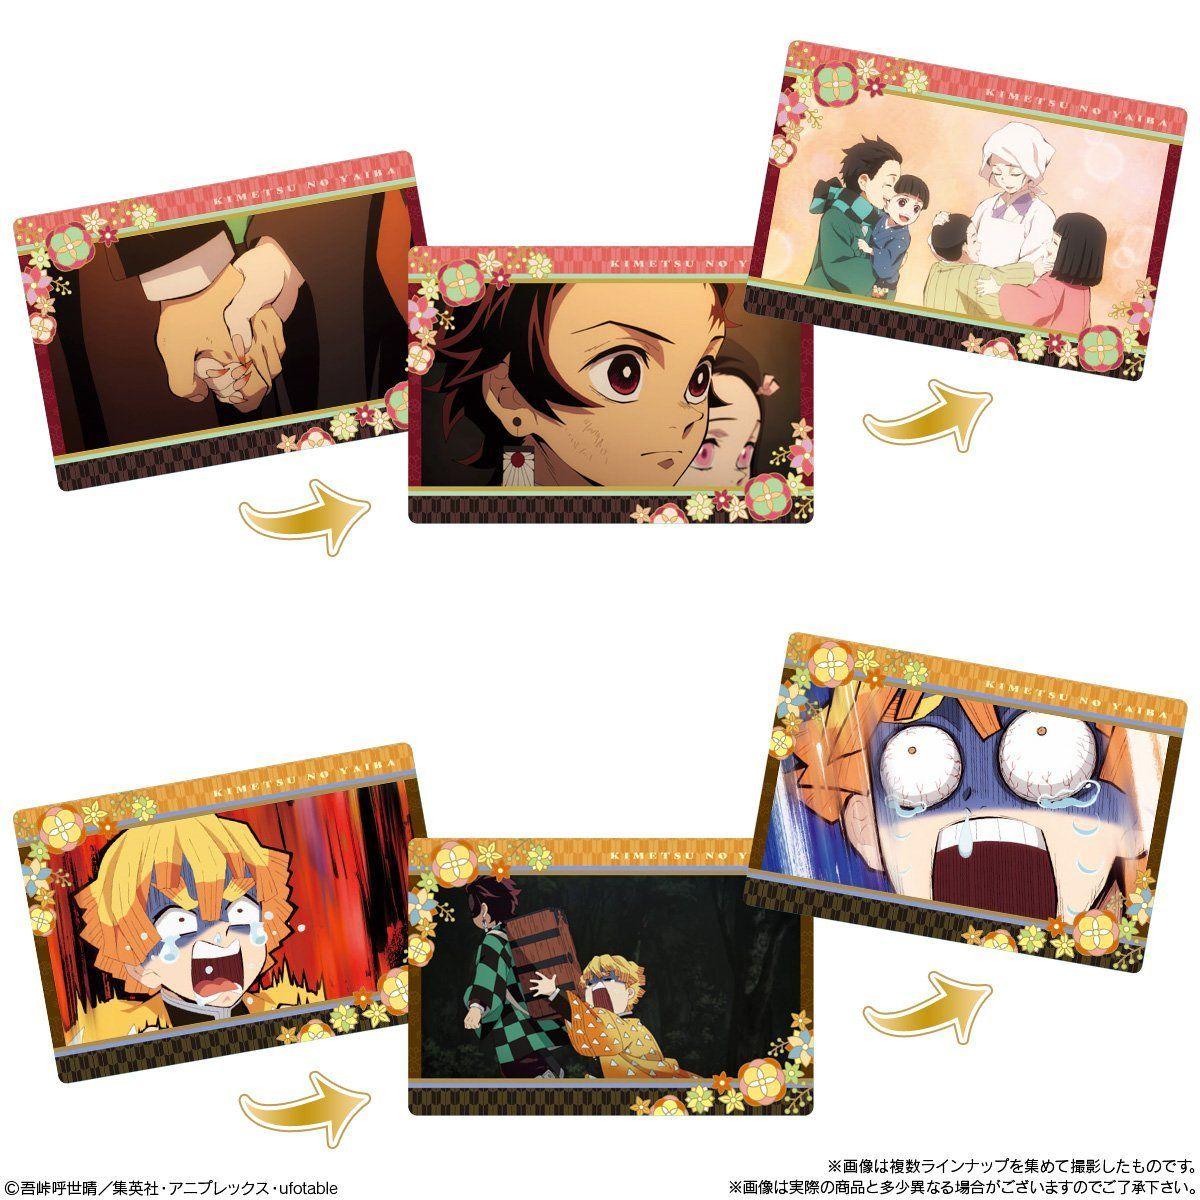 【食玩】鬼滅の刃『名場面回顧カードチョコスナック2』10個入りBOX-005